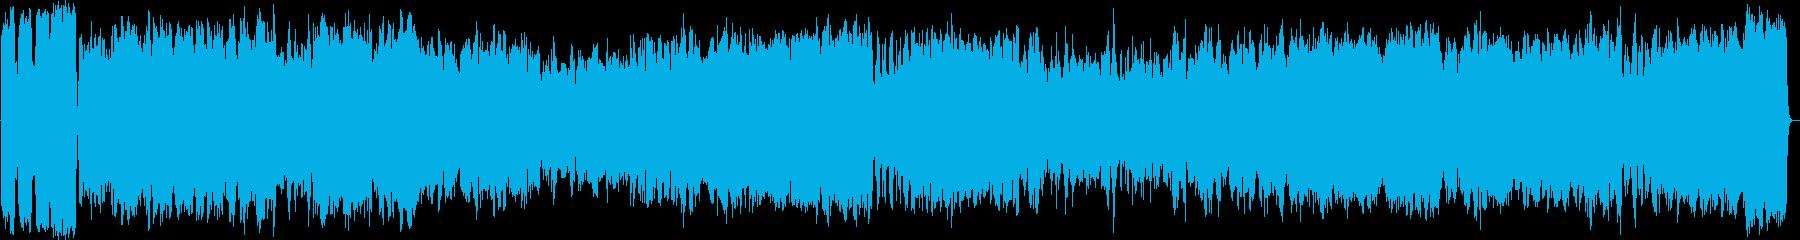 荘厳・重厚なバッハ「ミサ曲ロ短調」の再生済みの波形